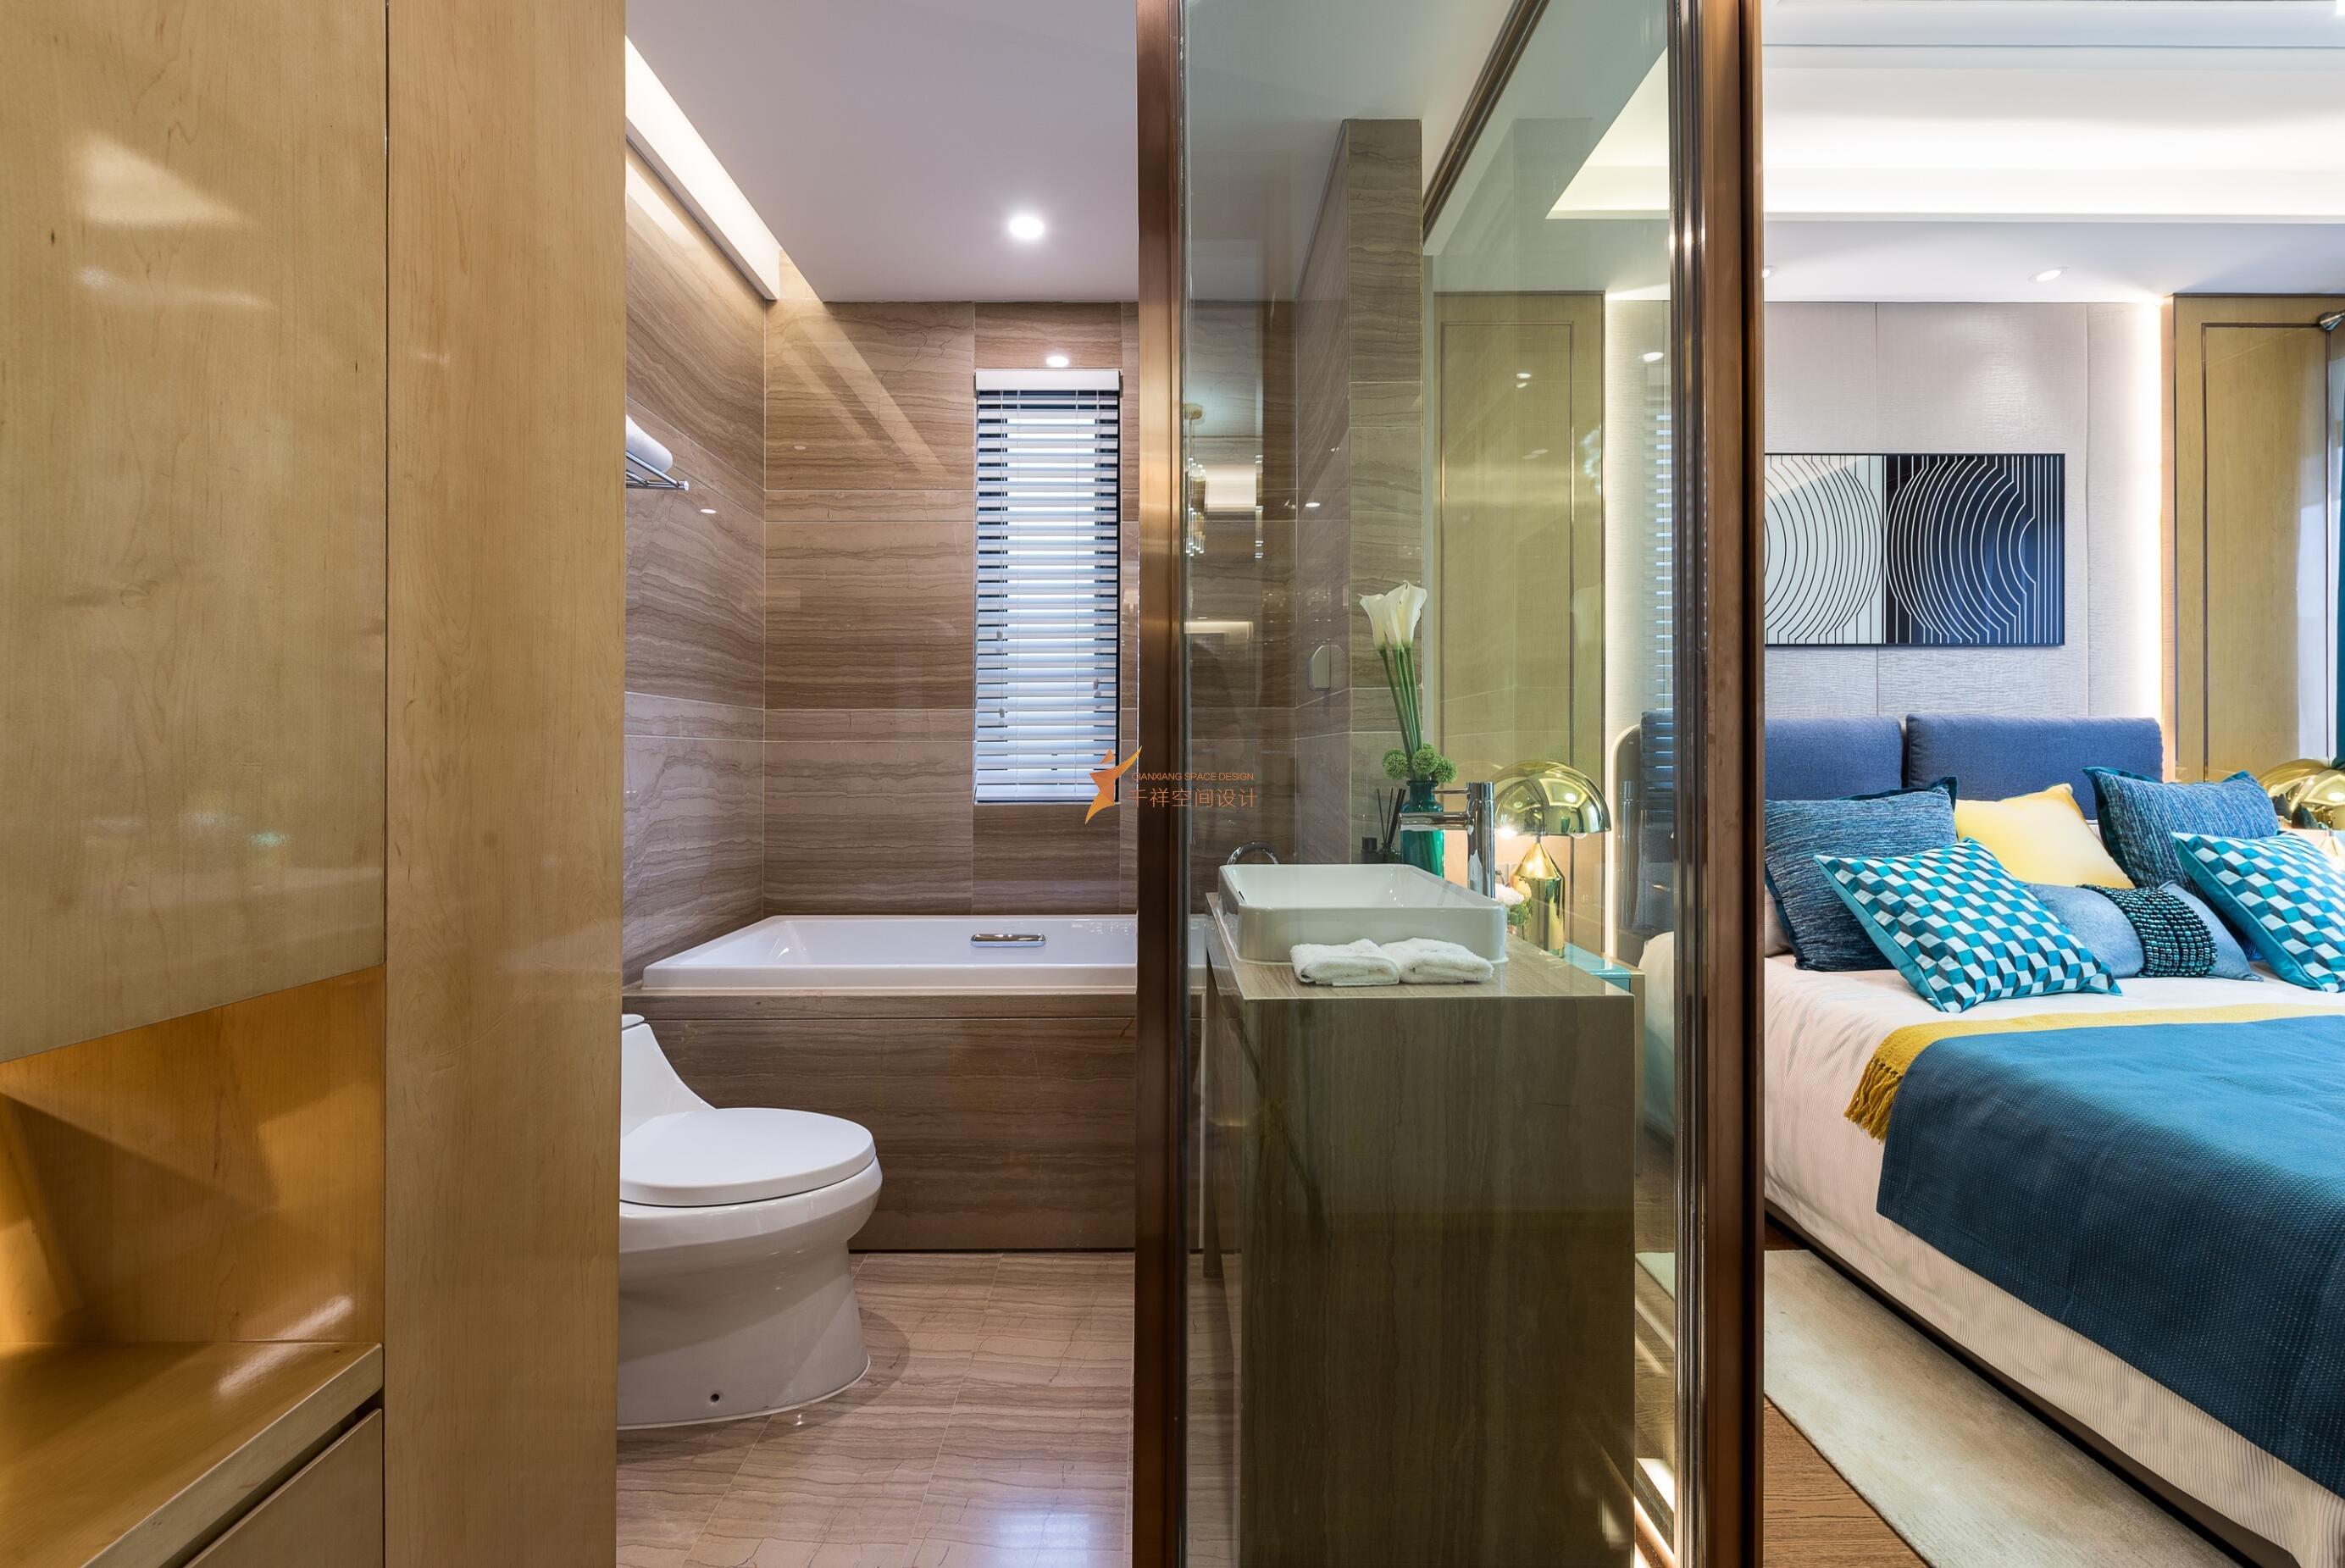 卧室及主卫生间装修设计实景照片图——上海千祥空间设计有限公司设计